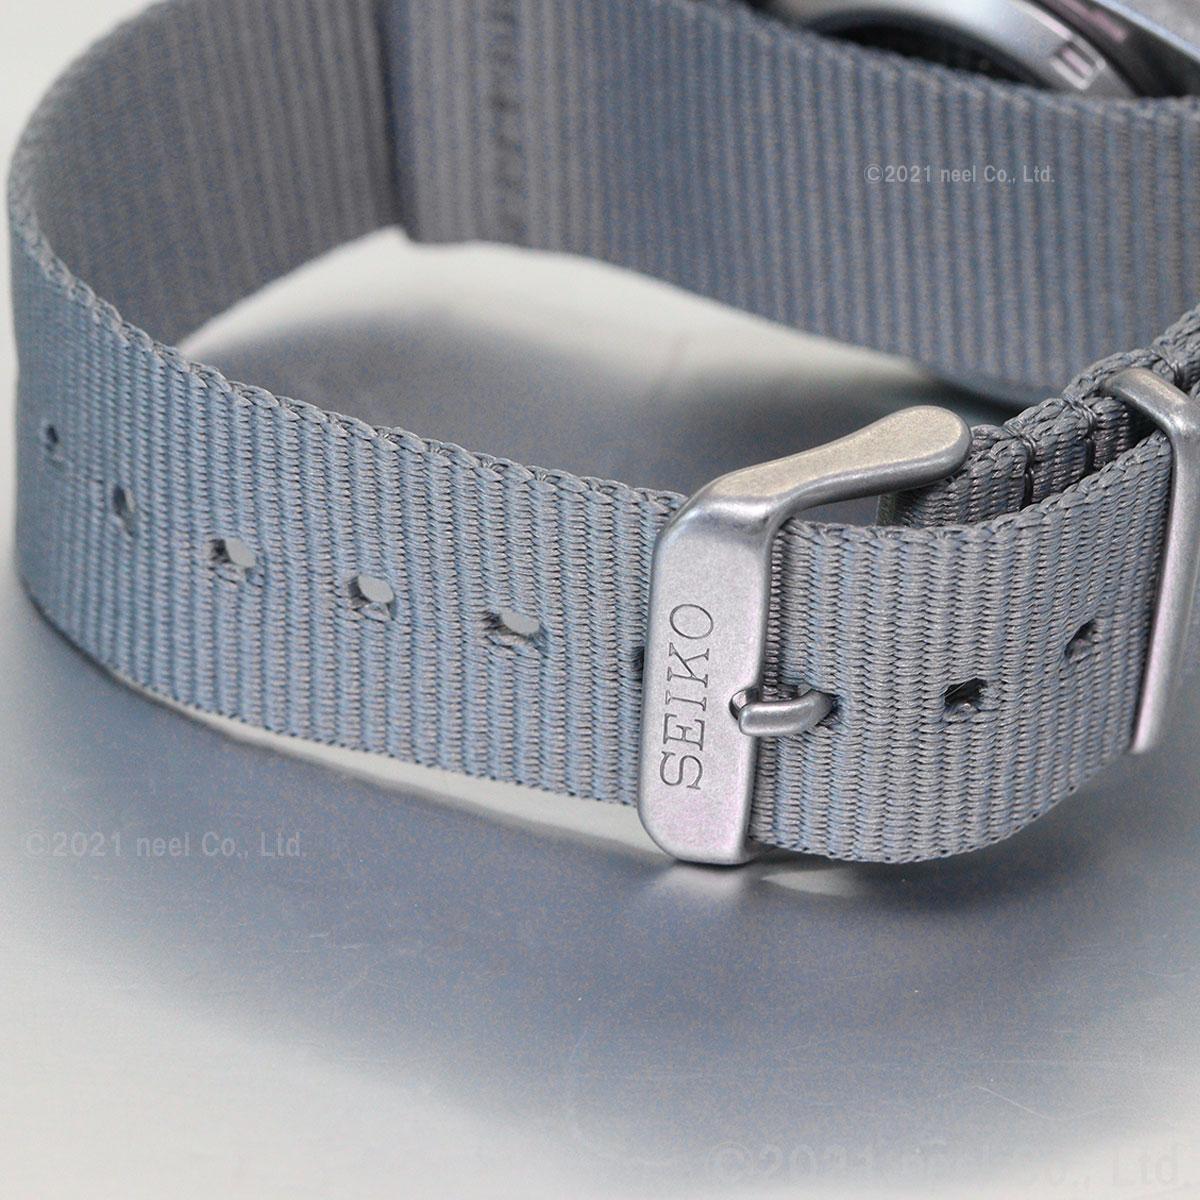 セイコー5 スポーツ SEIKO 5 SPORTS 自動巻き メカニカル 流通限定モデル 腕時計 メンズ ストリート スタイル Street Style SBSA127